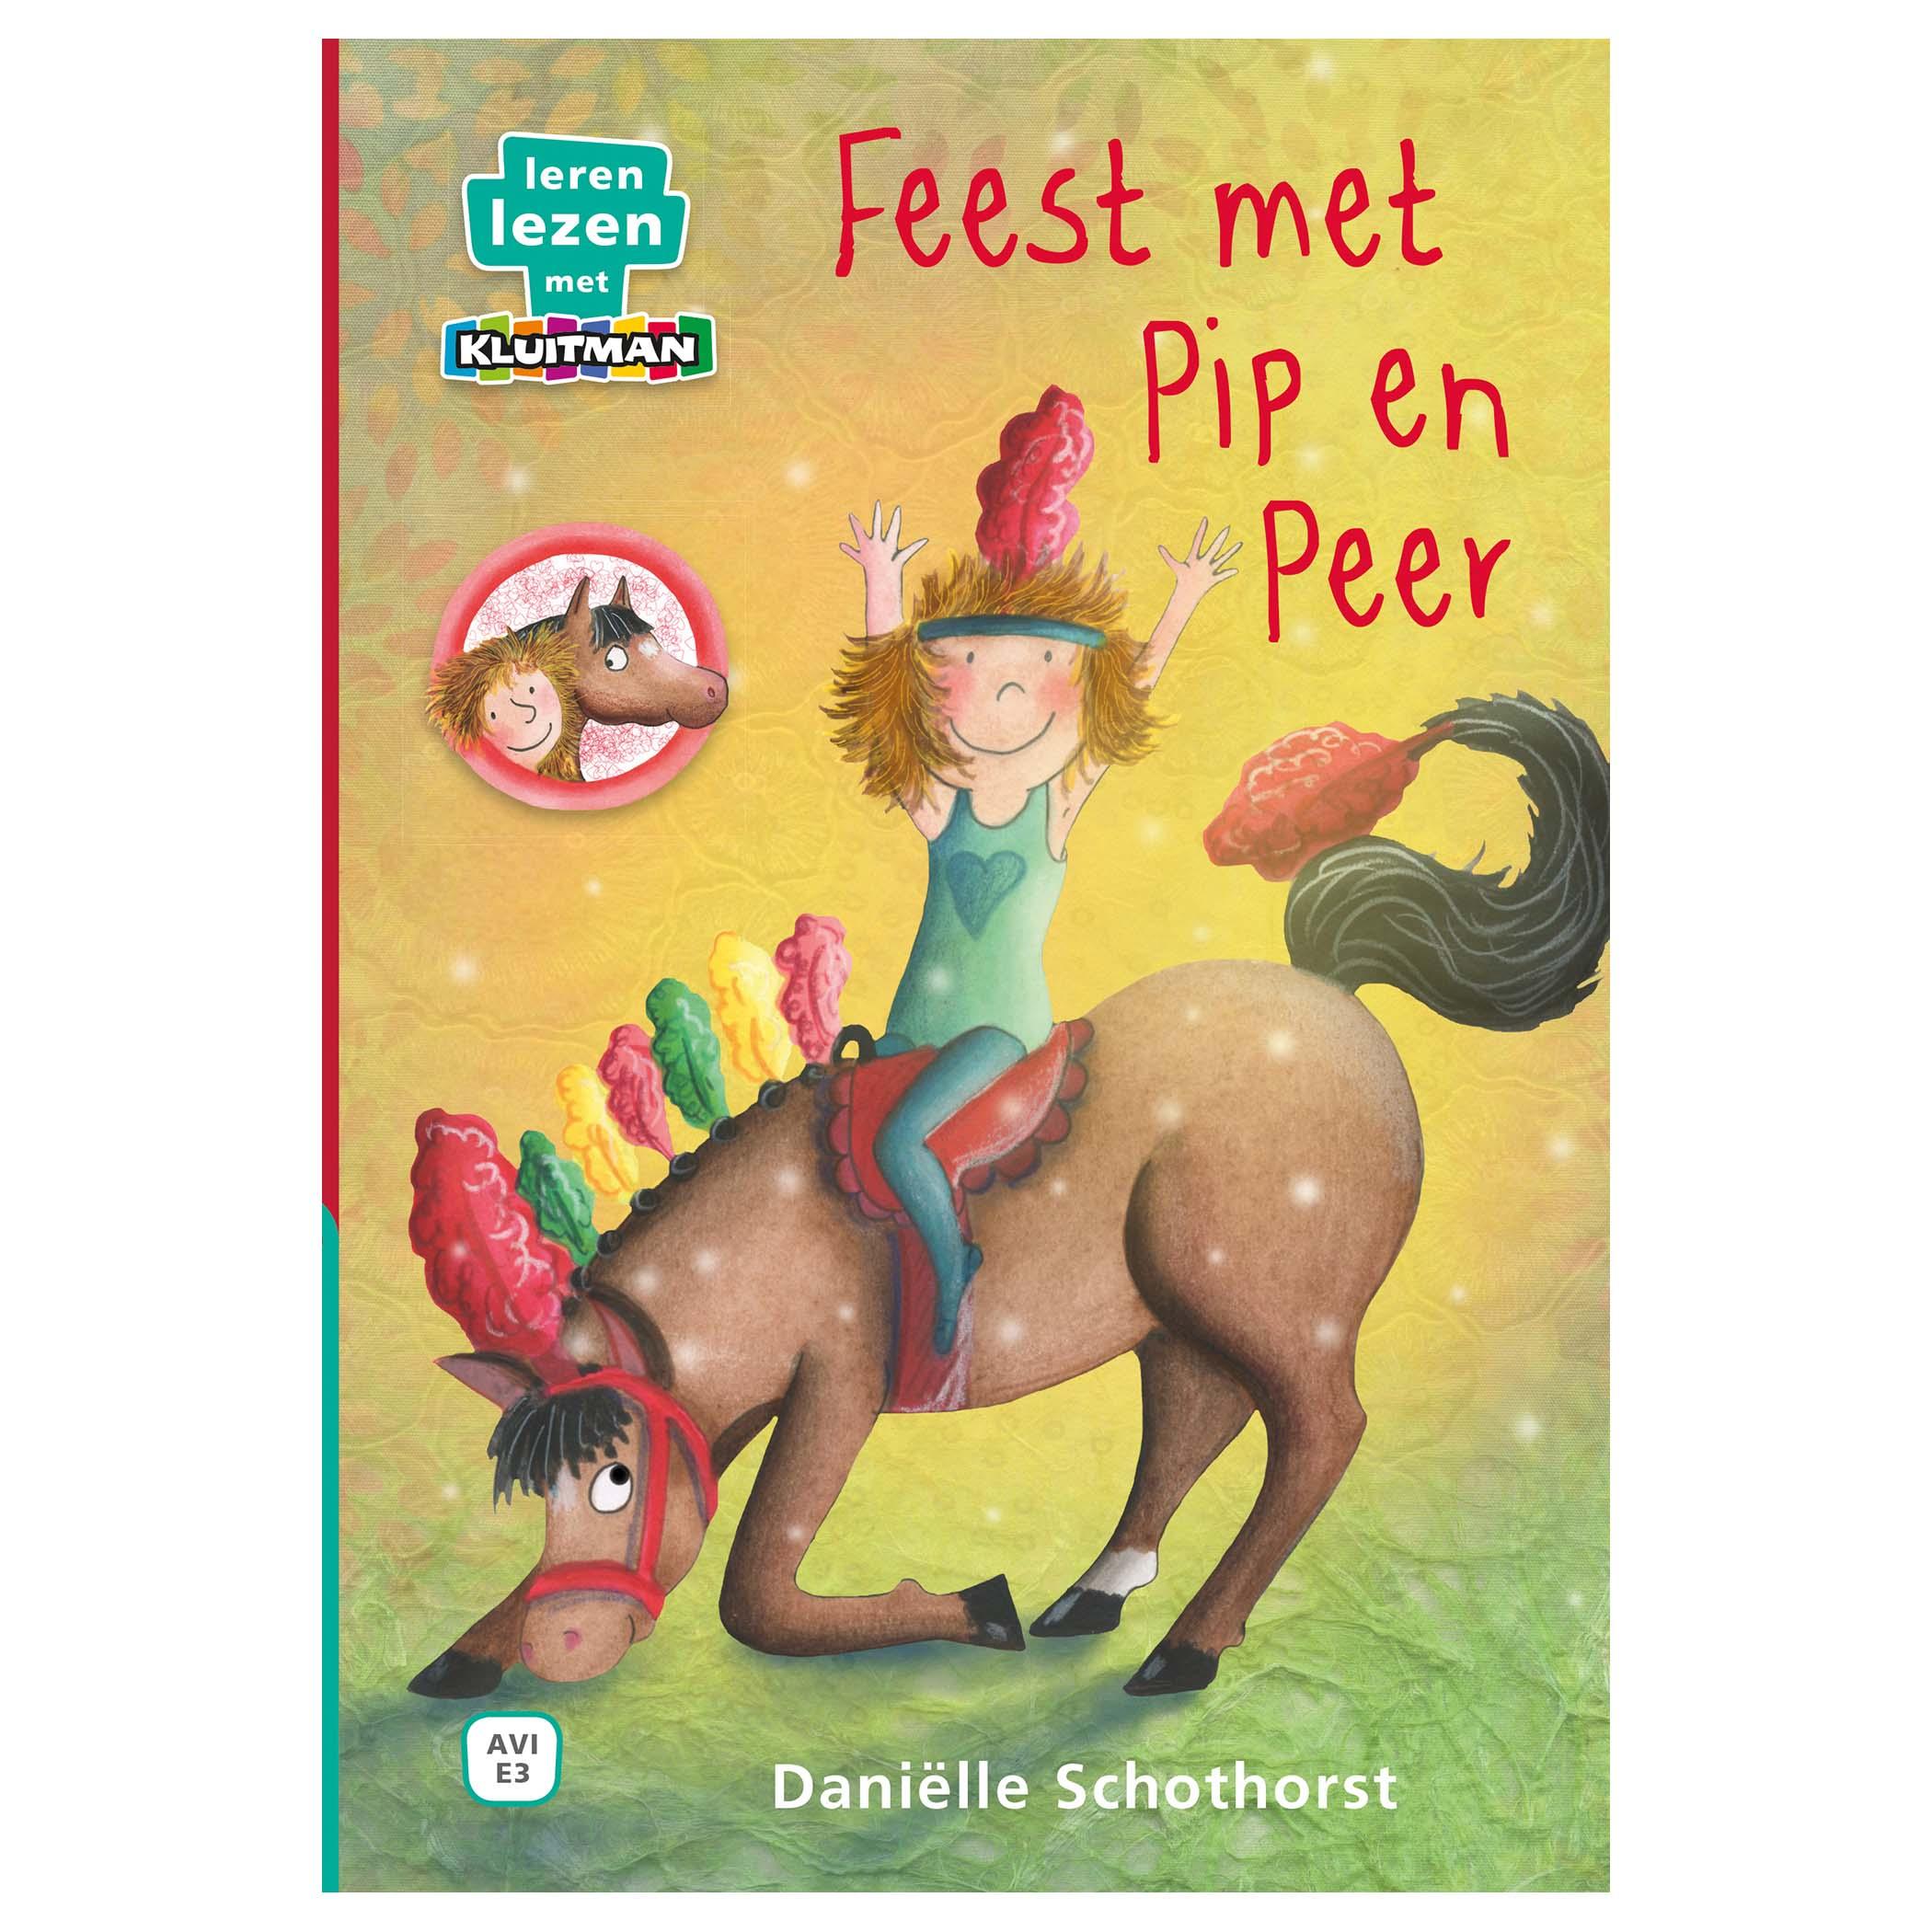 Afbeelding van Boek AVI E3 Feest Met Pip En Peer Leren Lezen Met Kluitman